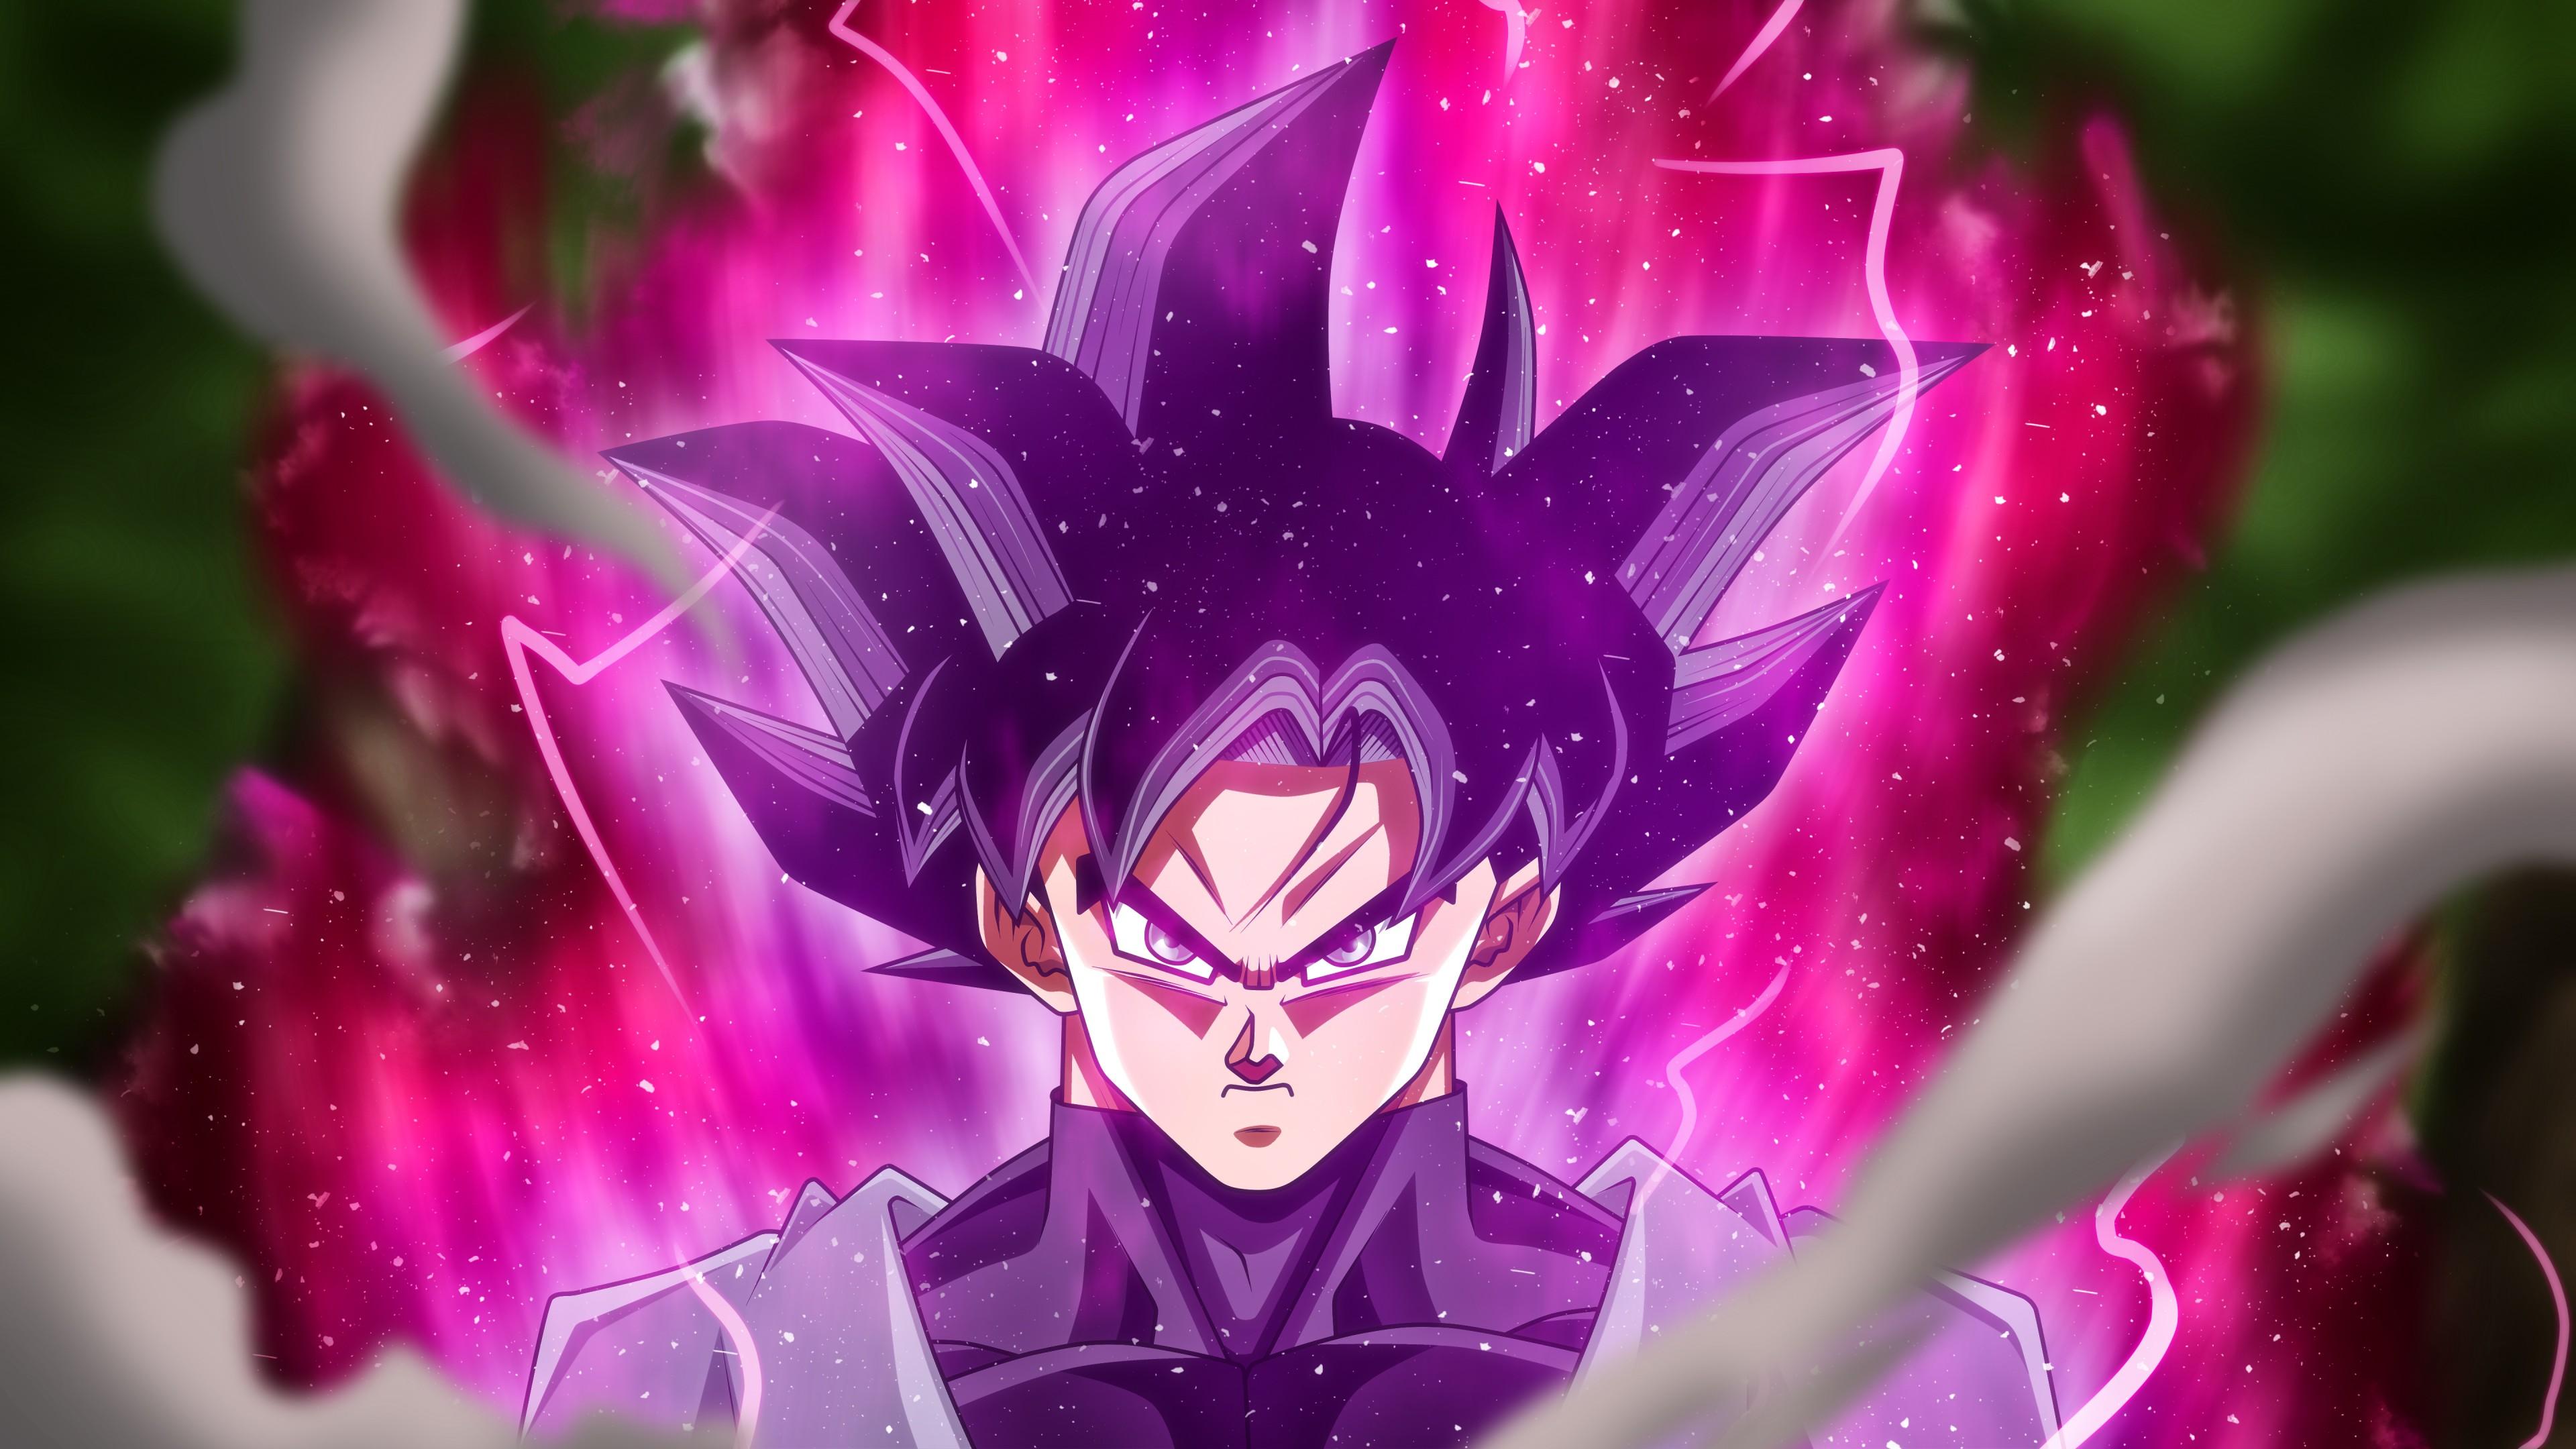 Персонаж аниме со злобным взглядом и энергетическим зарядом